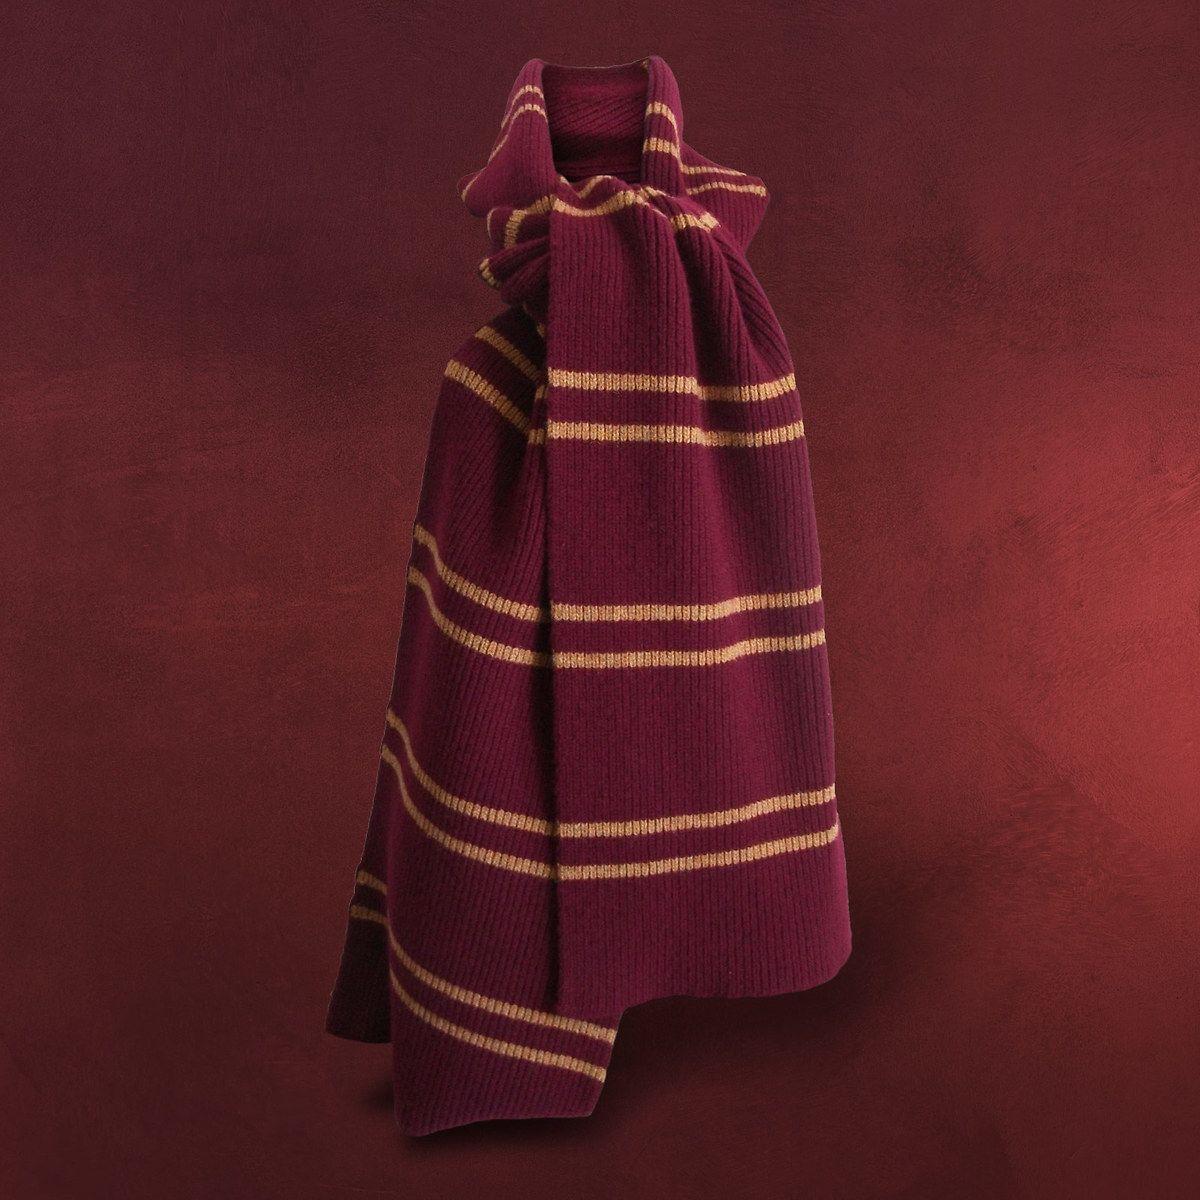 Harry Potter Original Gryffindor Wollschal Harry Potter Stricken Wollschal Gryffindor